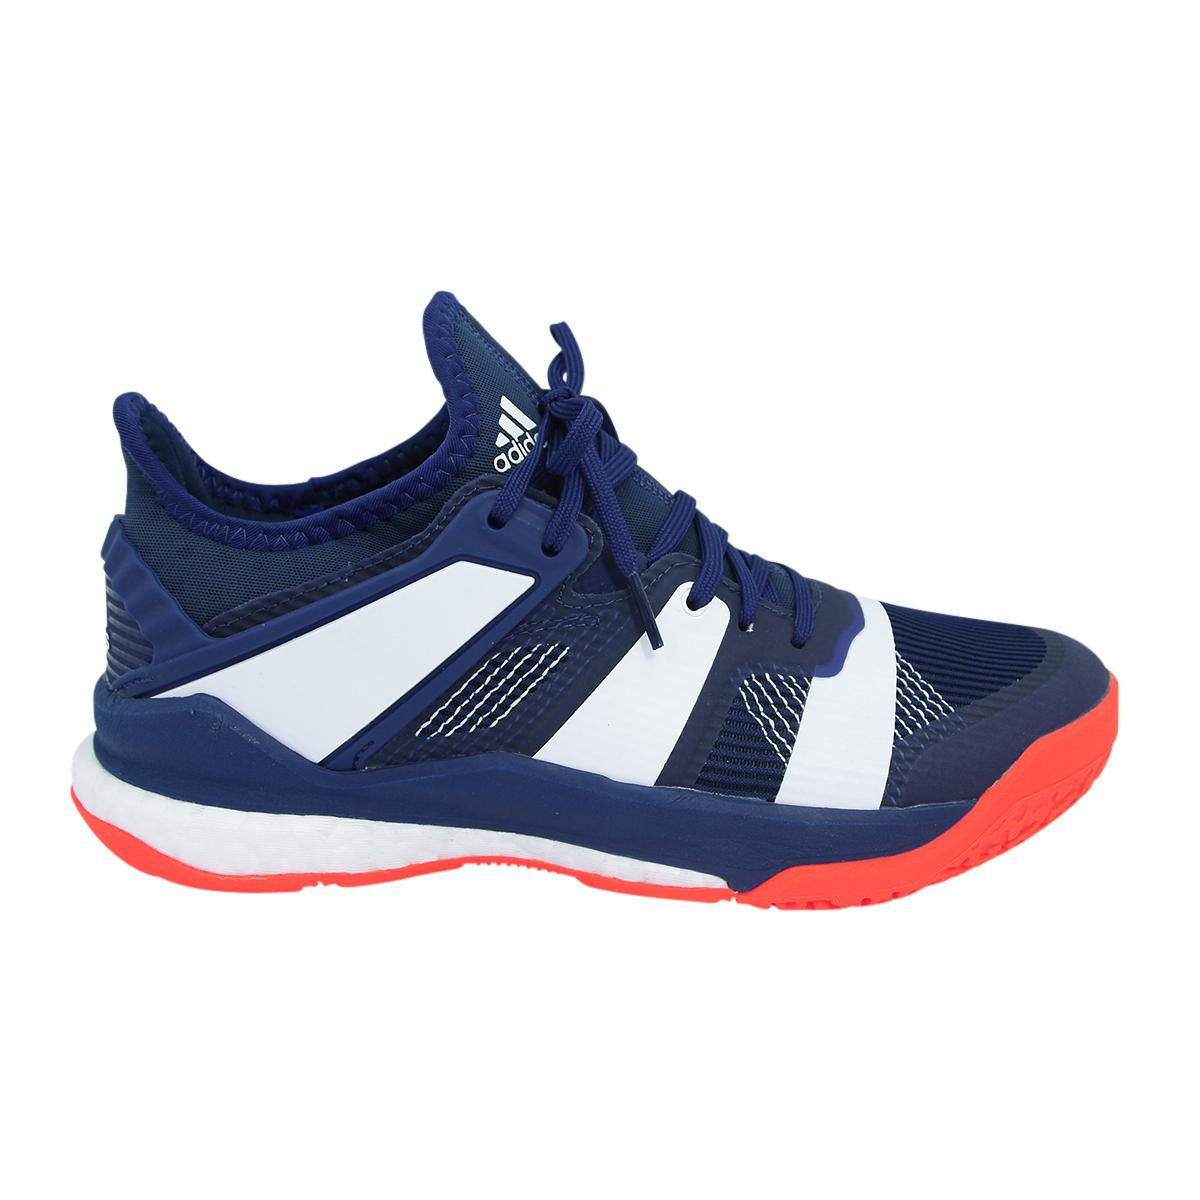 Détails sur Chaussures handball STABIL X